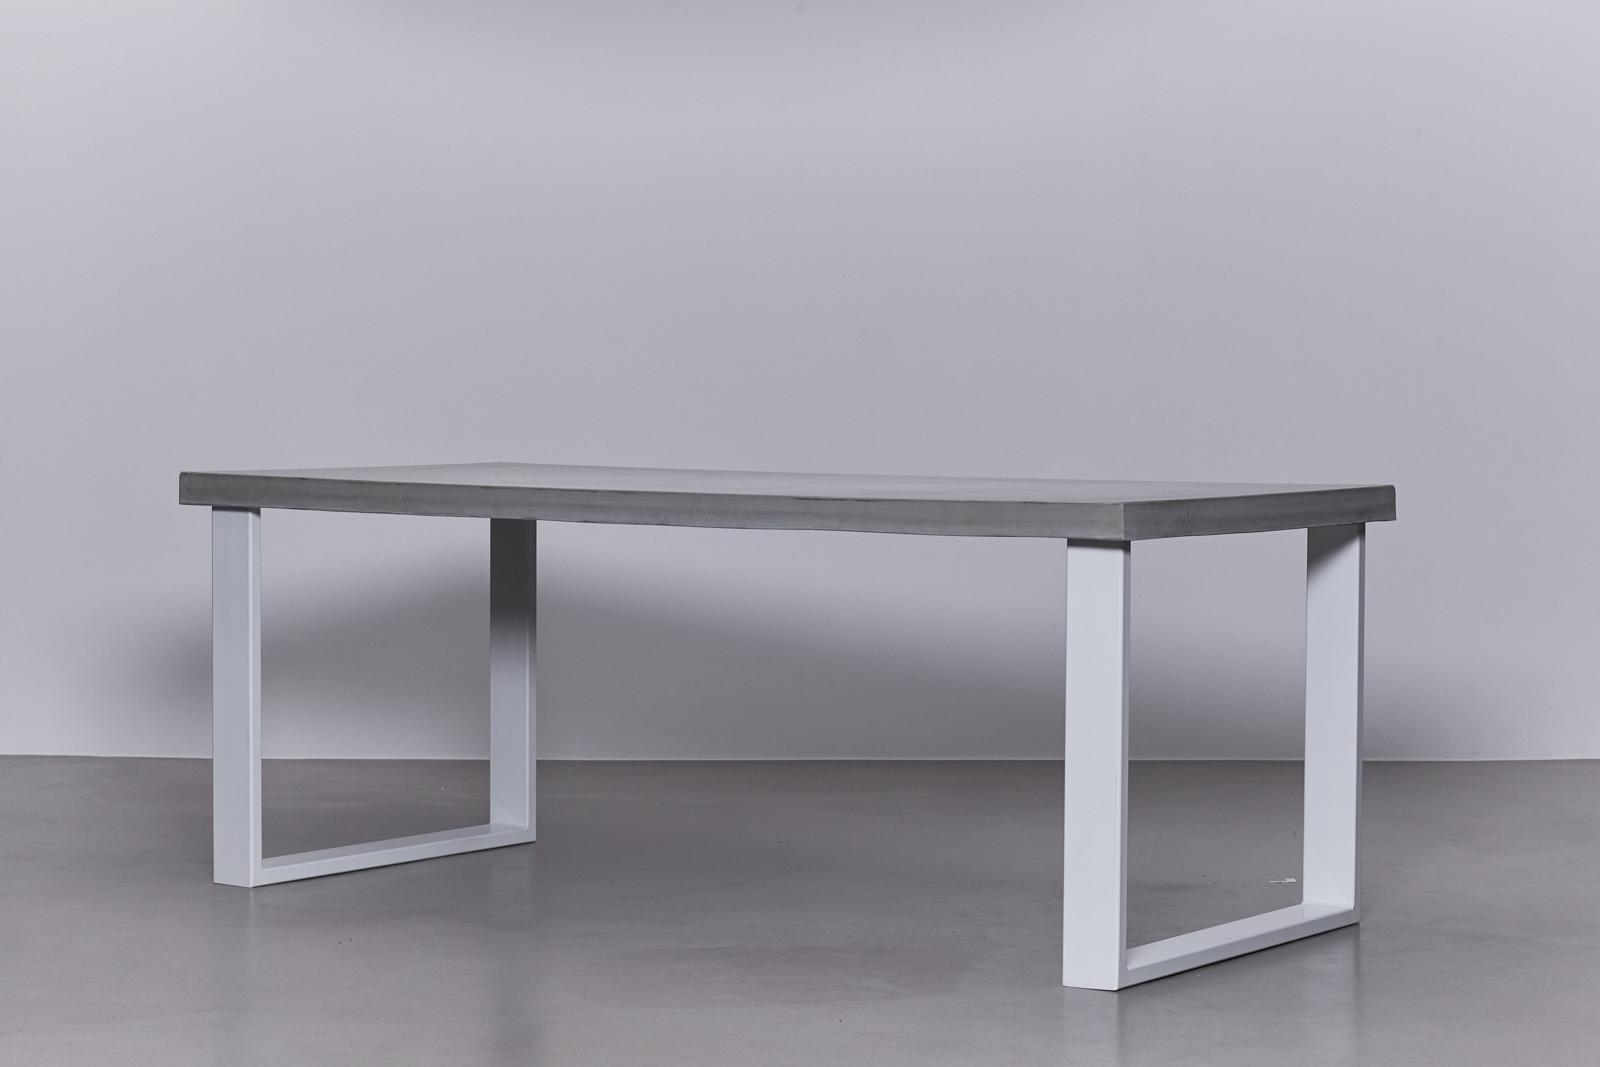 Metalen Onderstel Tafel : Betonnen tafel betongrijs u onderstel staal wit u de betonfabriek